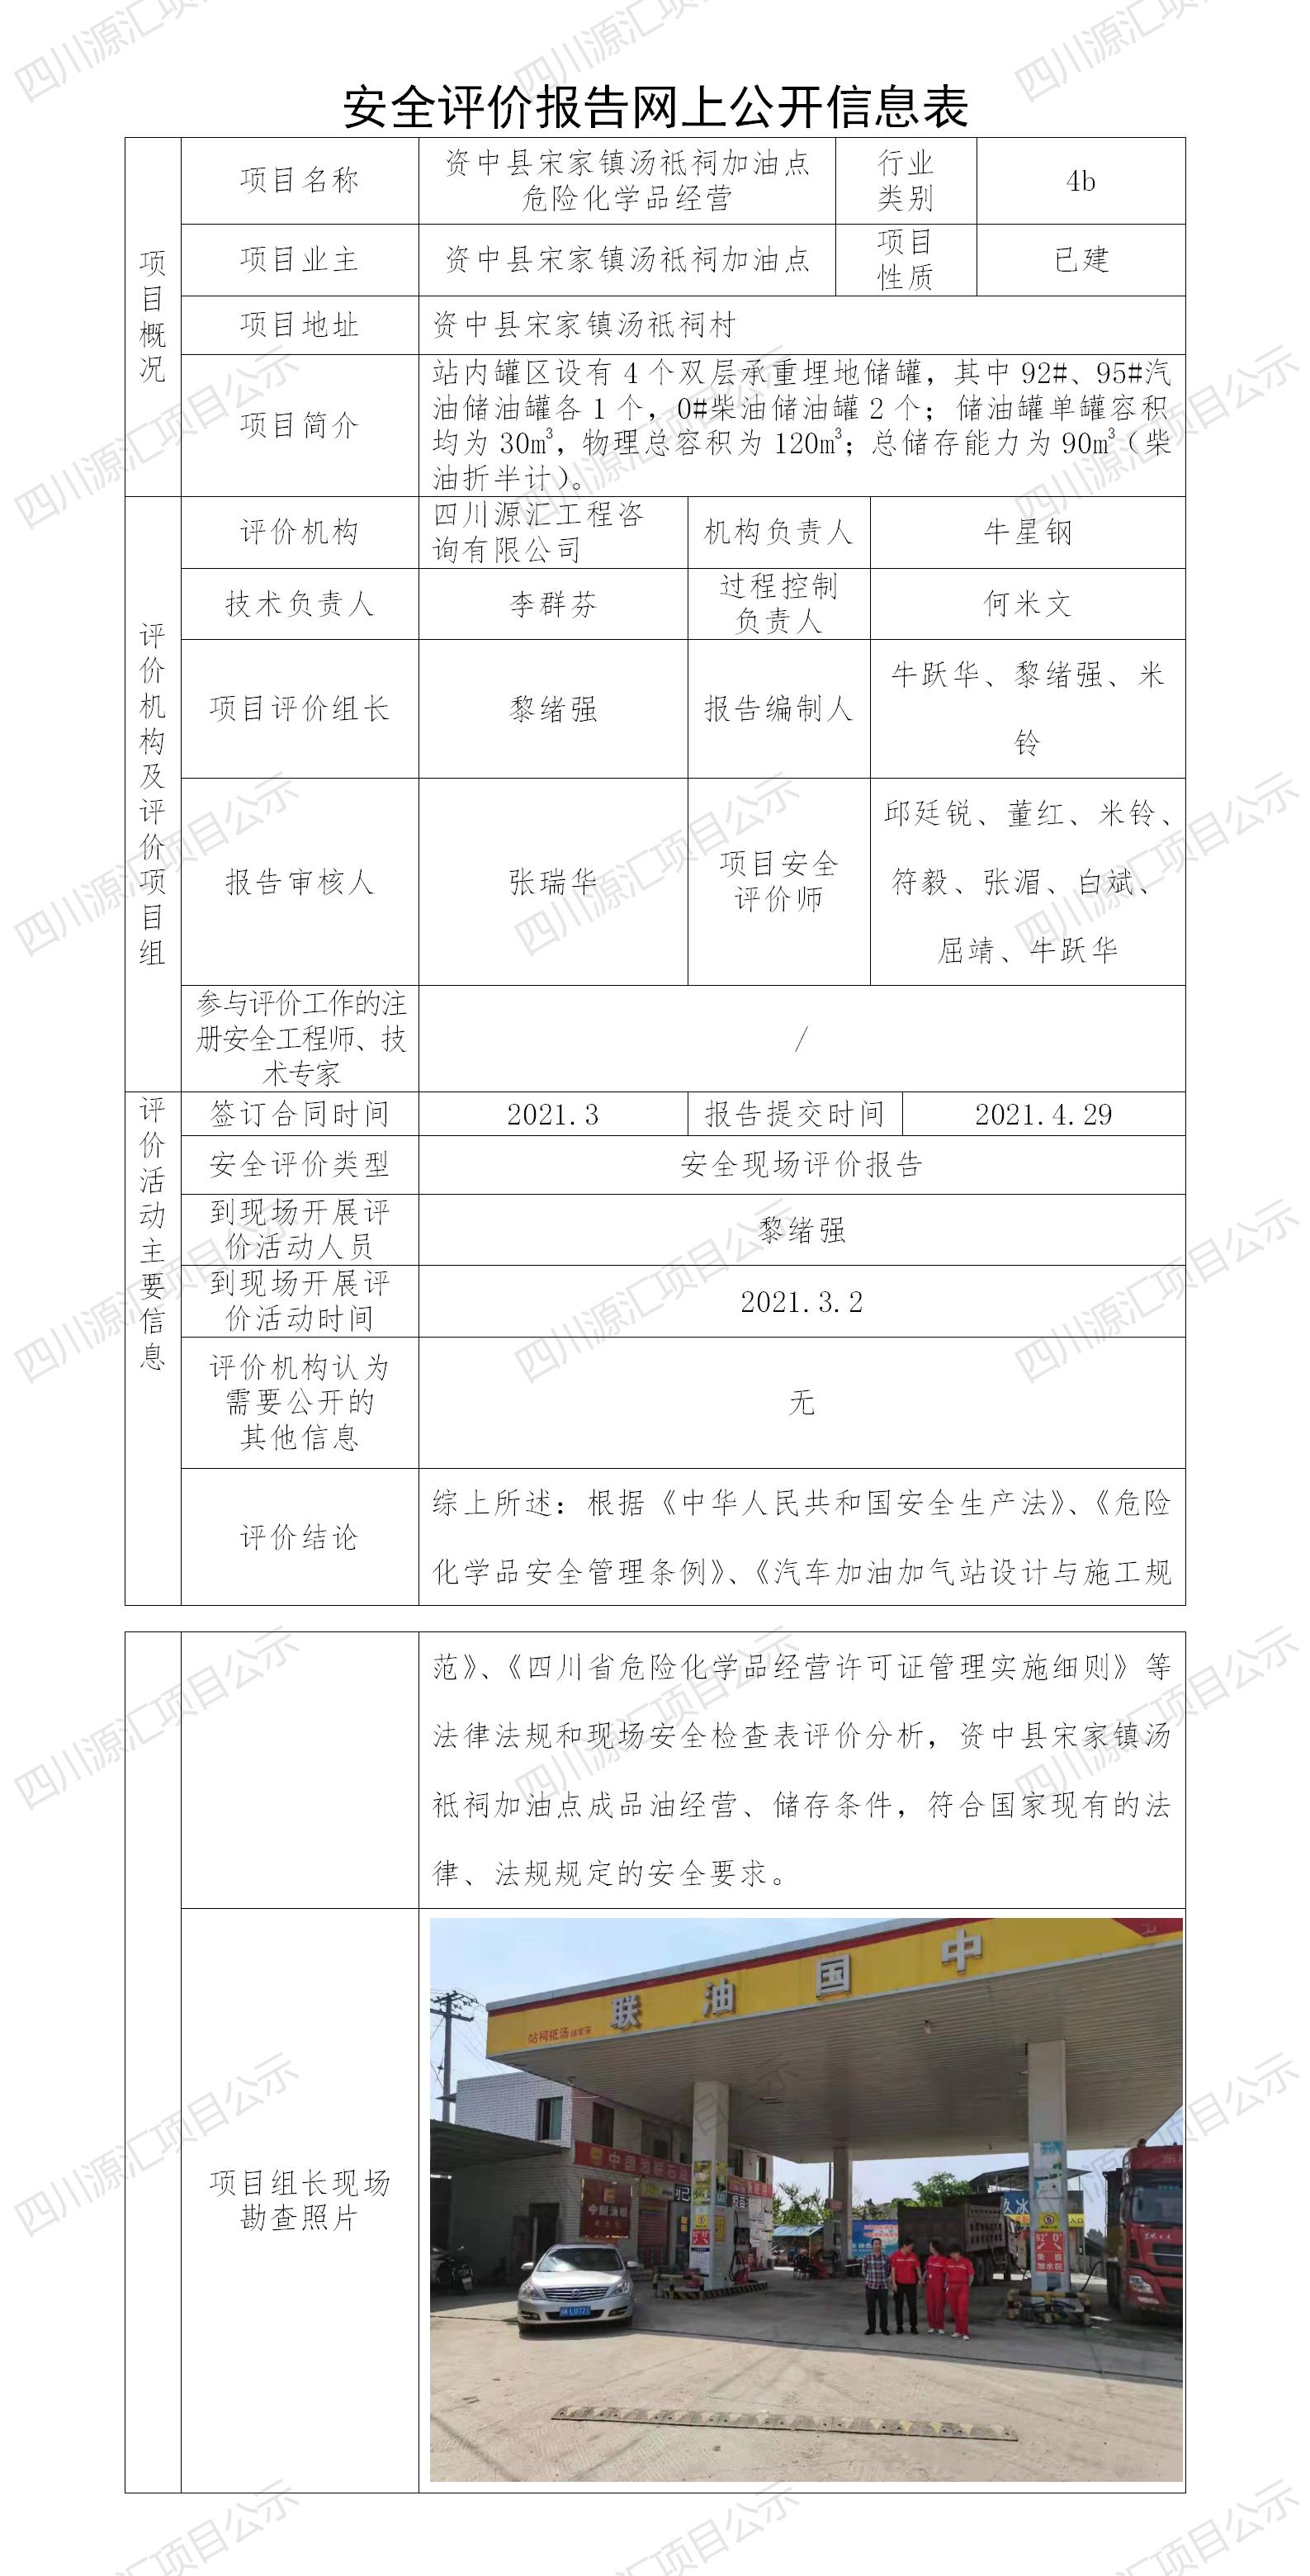 资中县宋家镇汤祗祠加油点 危险化学品经营.png